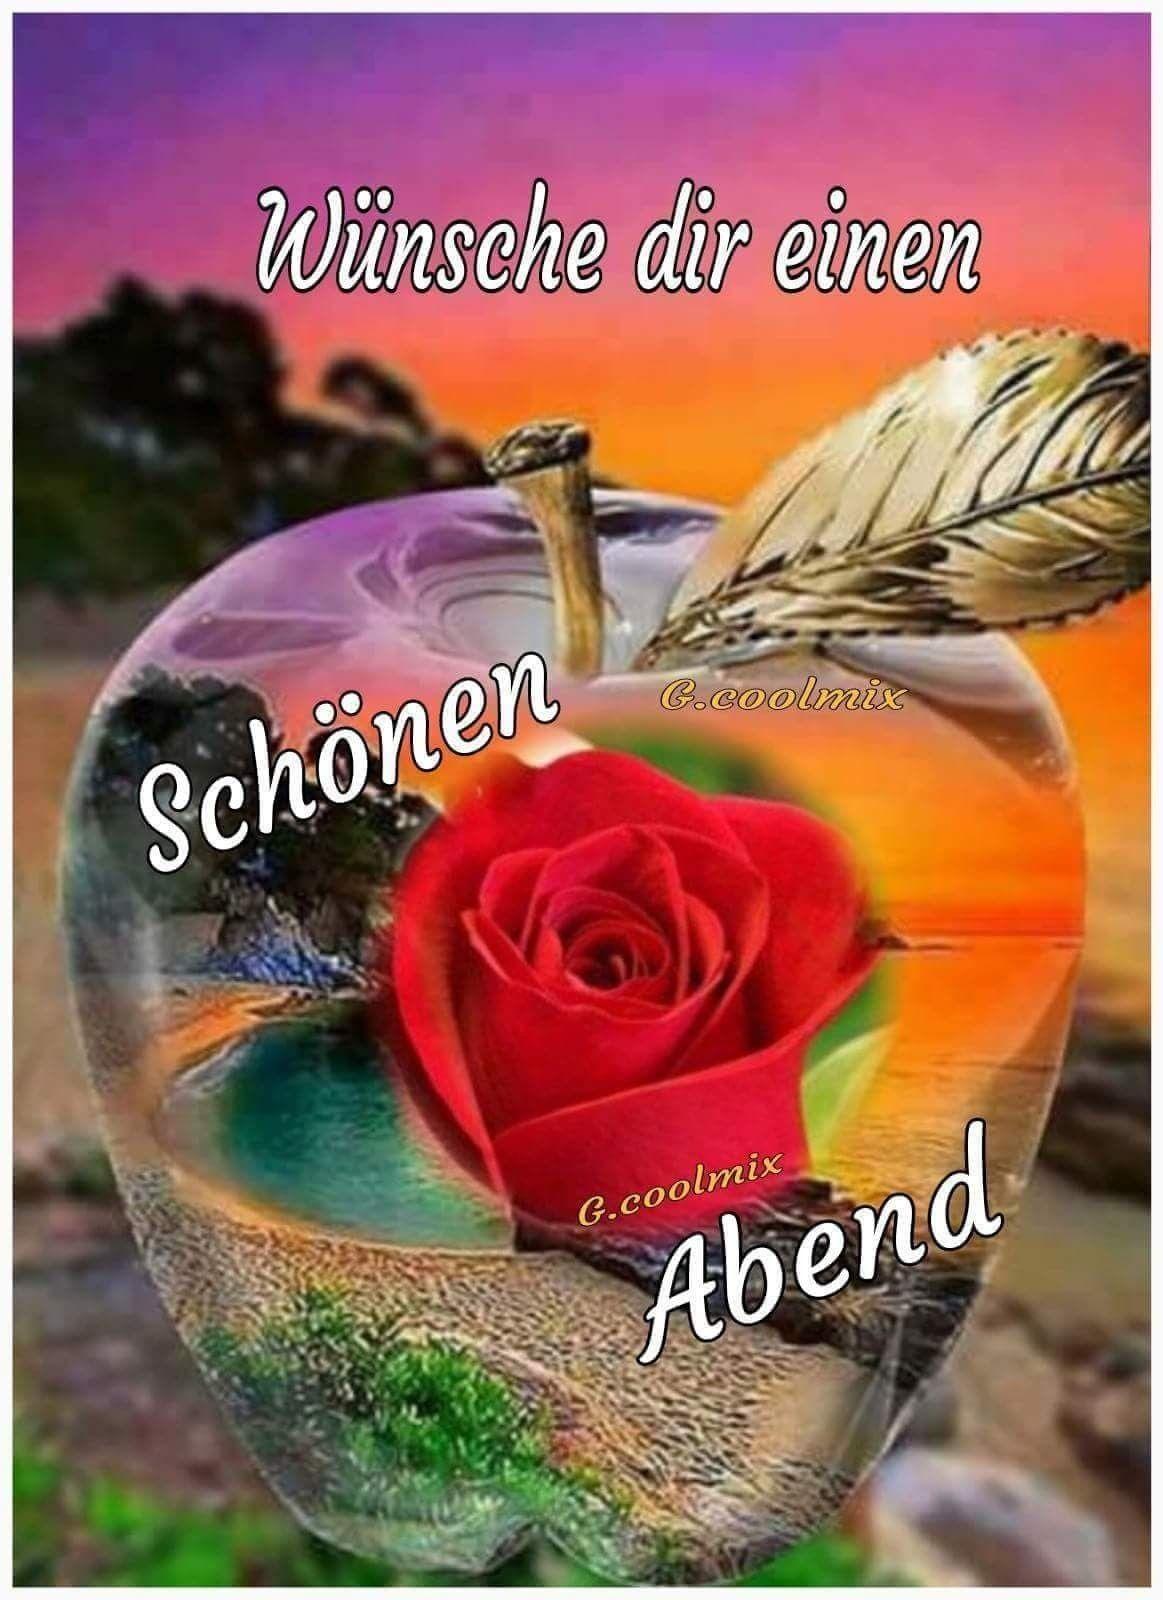 Pin von Heinrich Thoben auf Guten Abend | Schönen abend